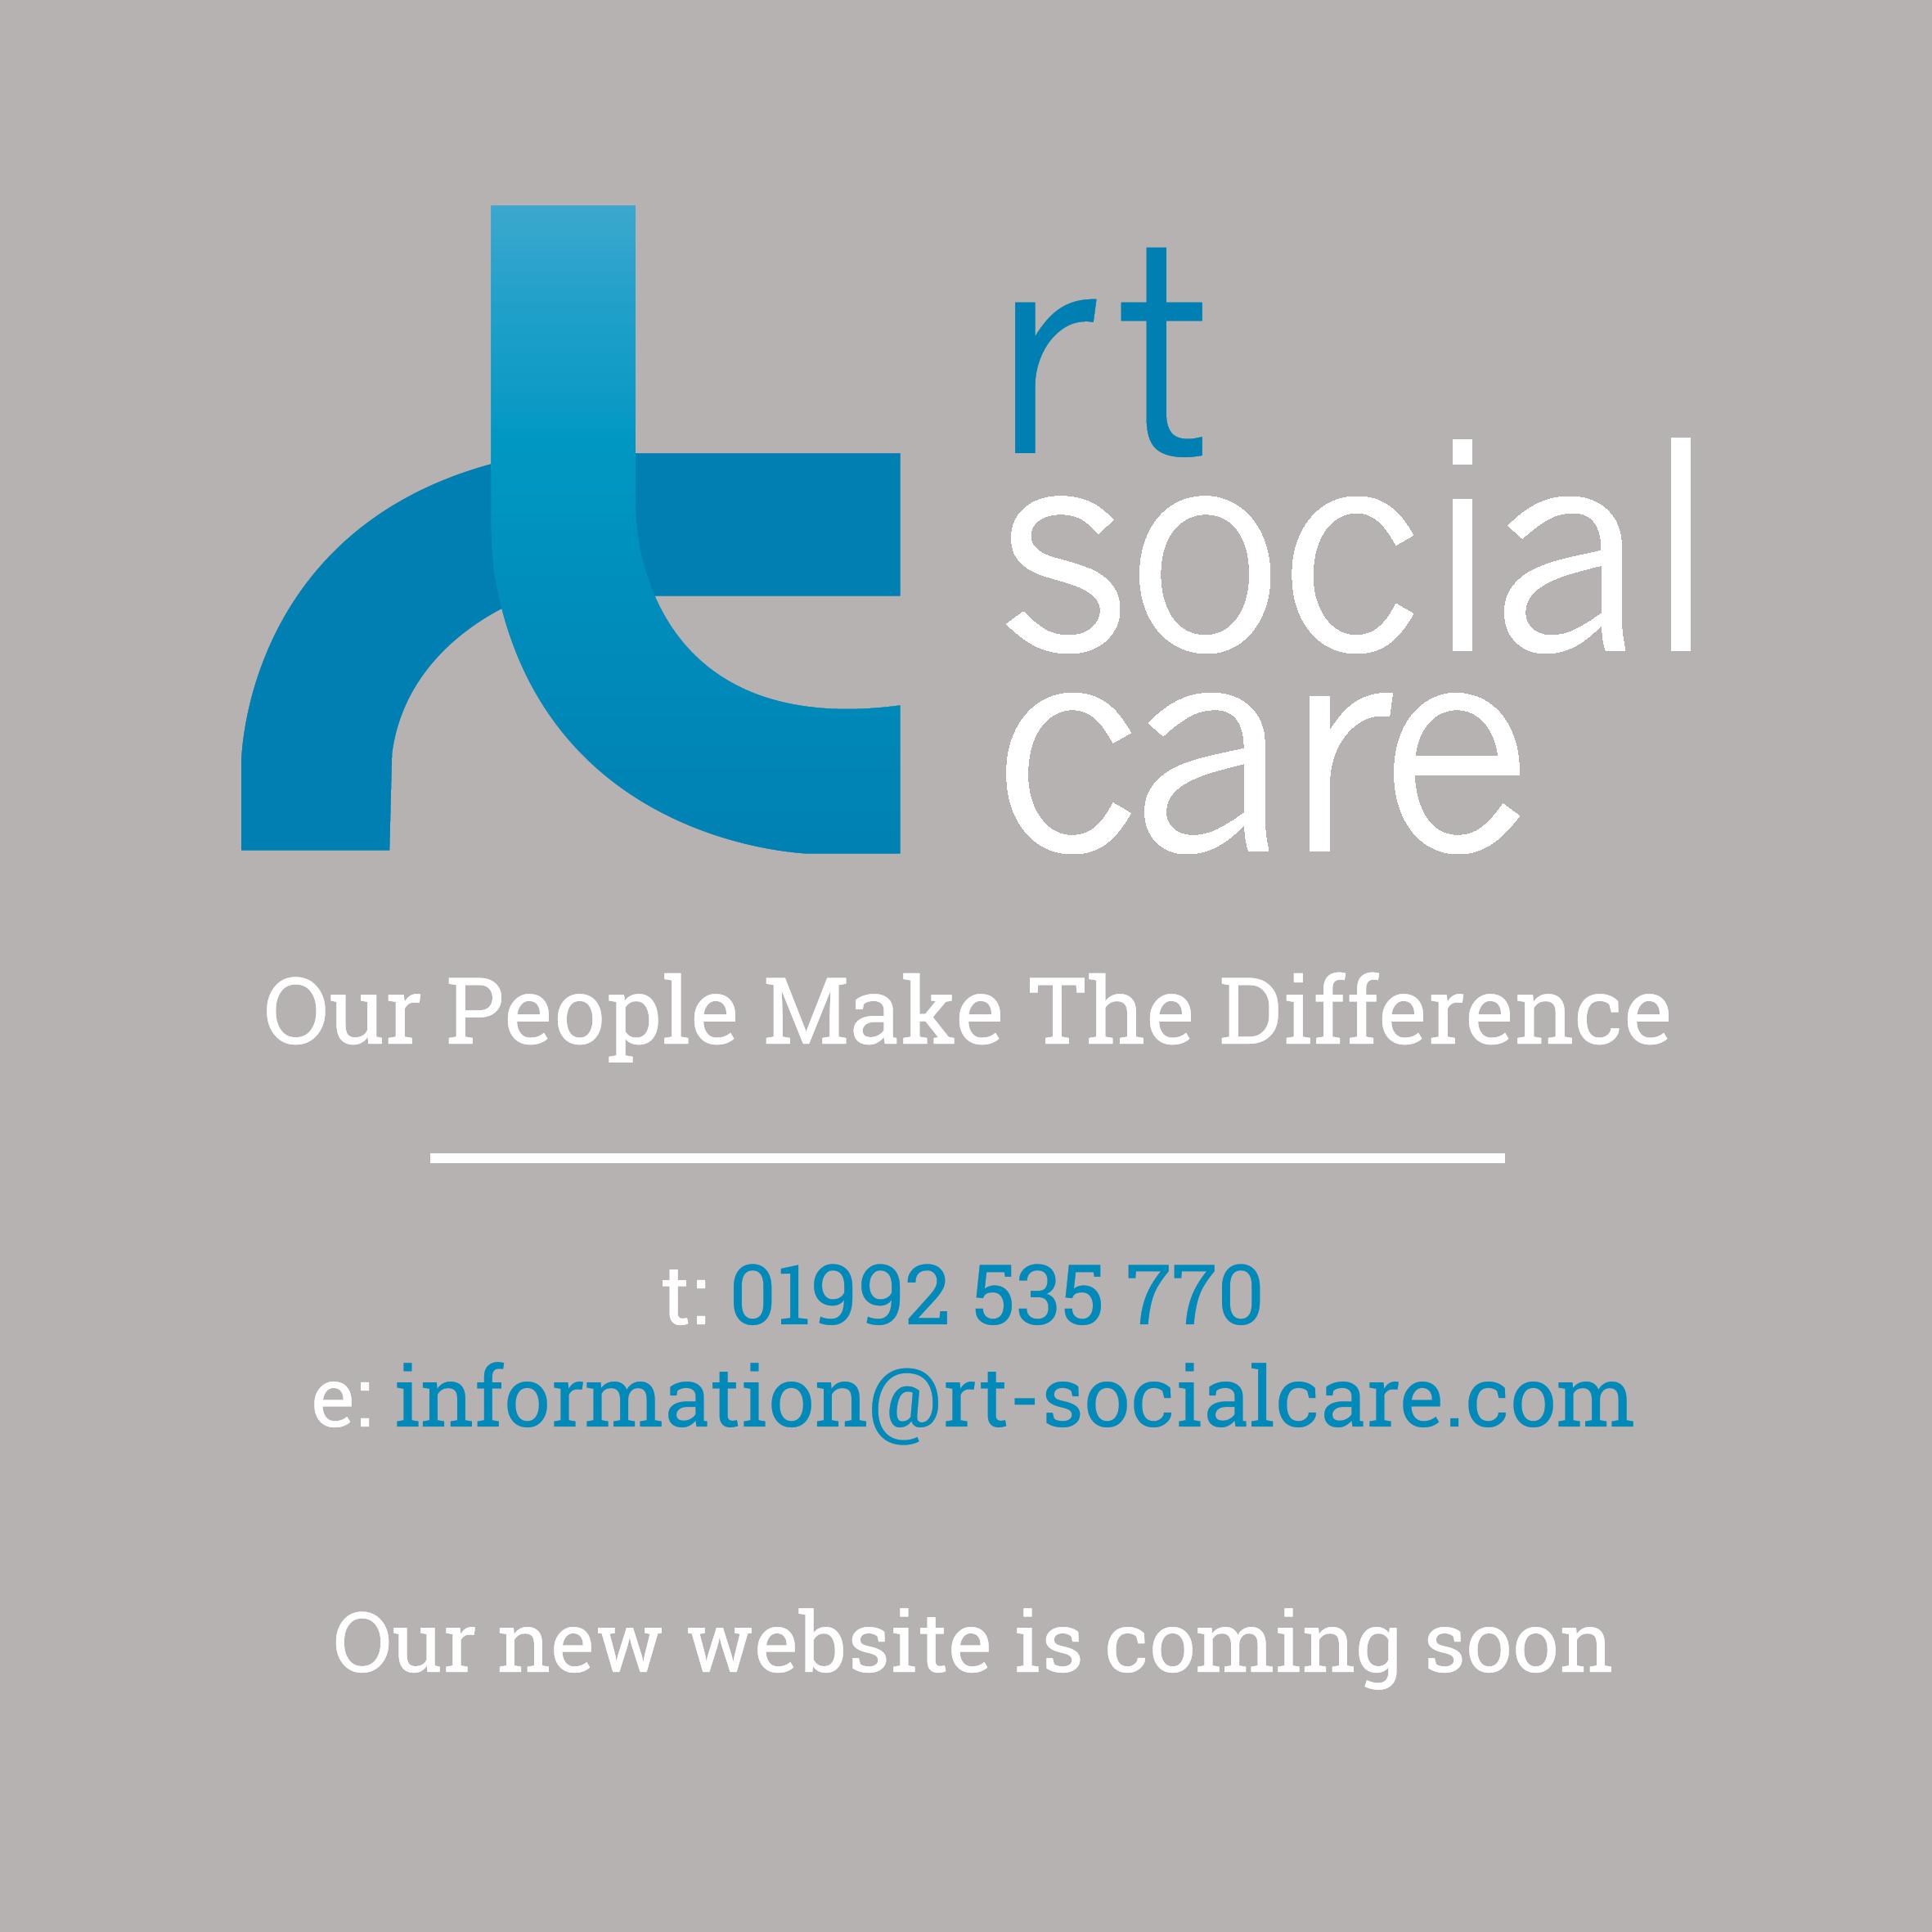 rt-socialcare